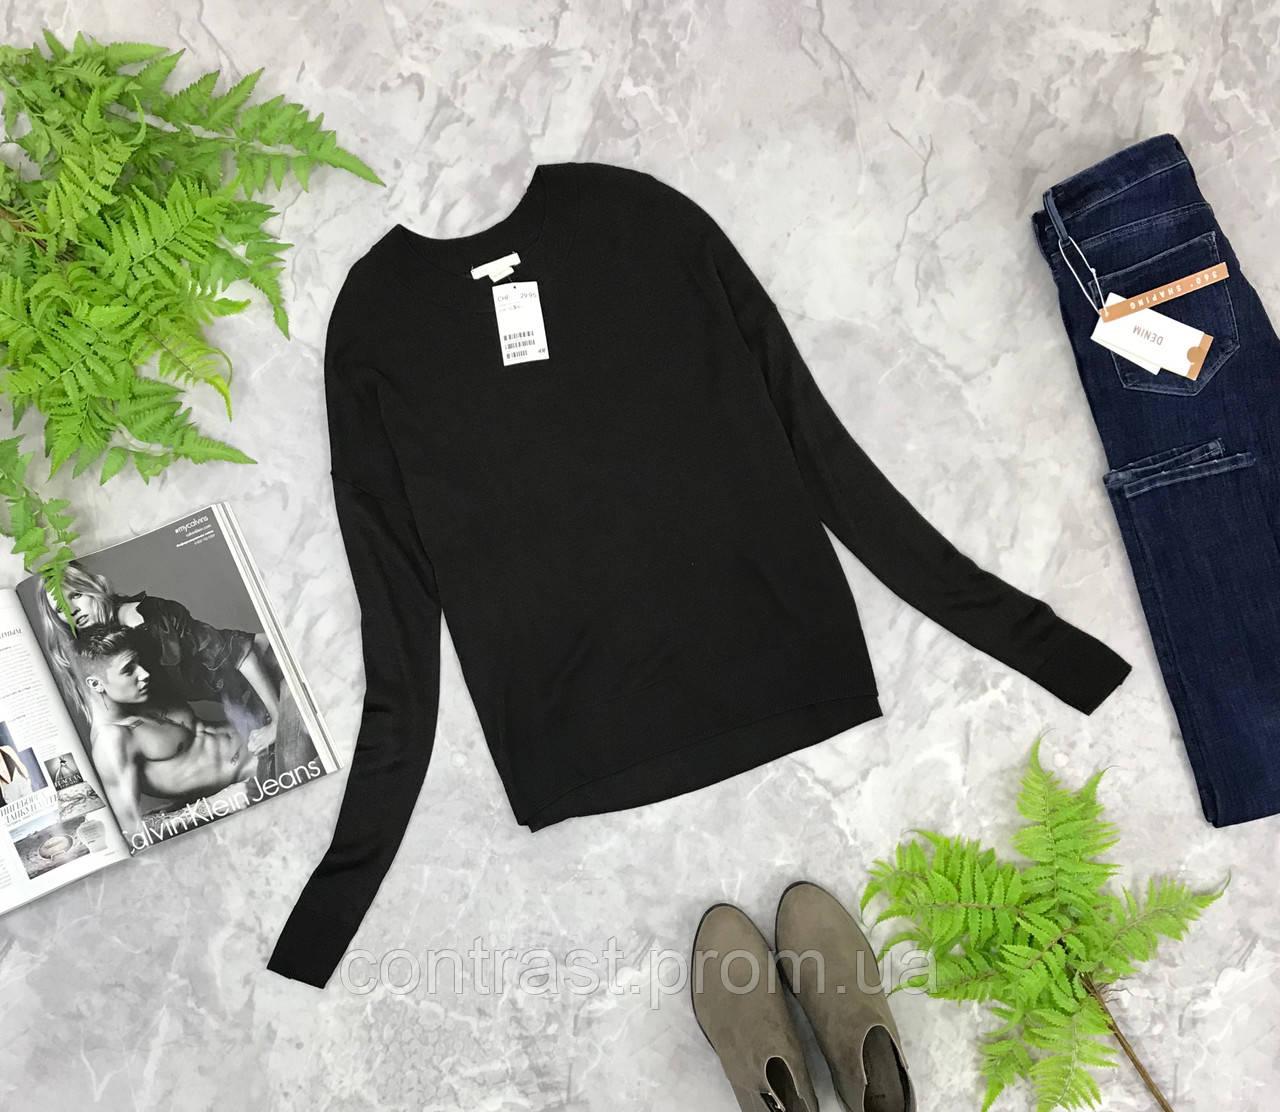 Базовый свитер прямого кроя от H&M  SH1849106